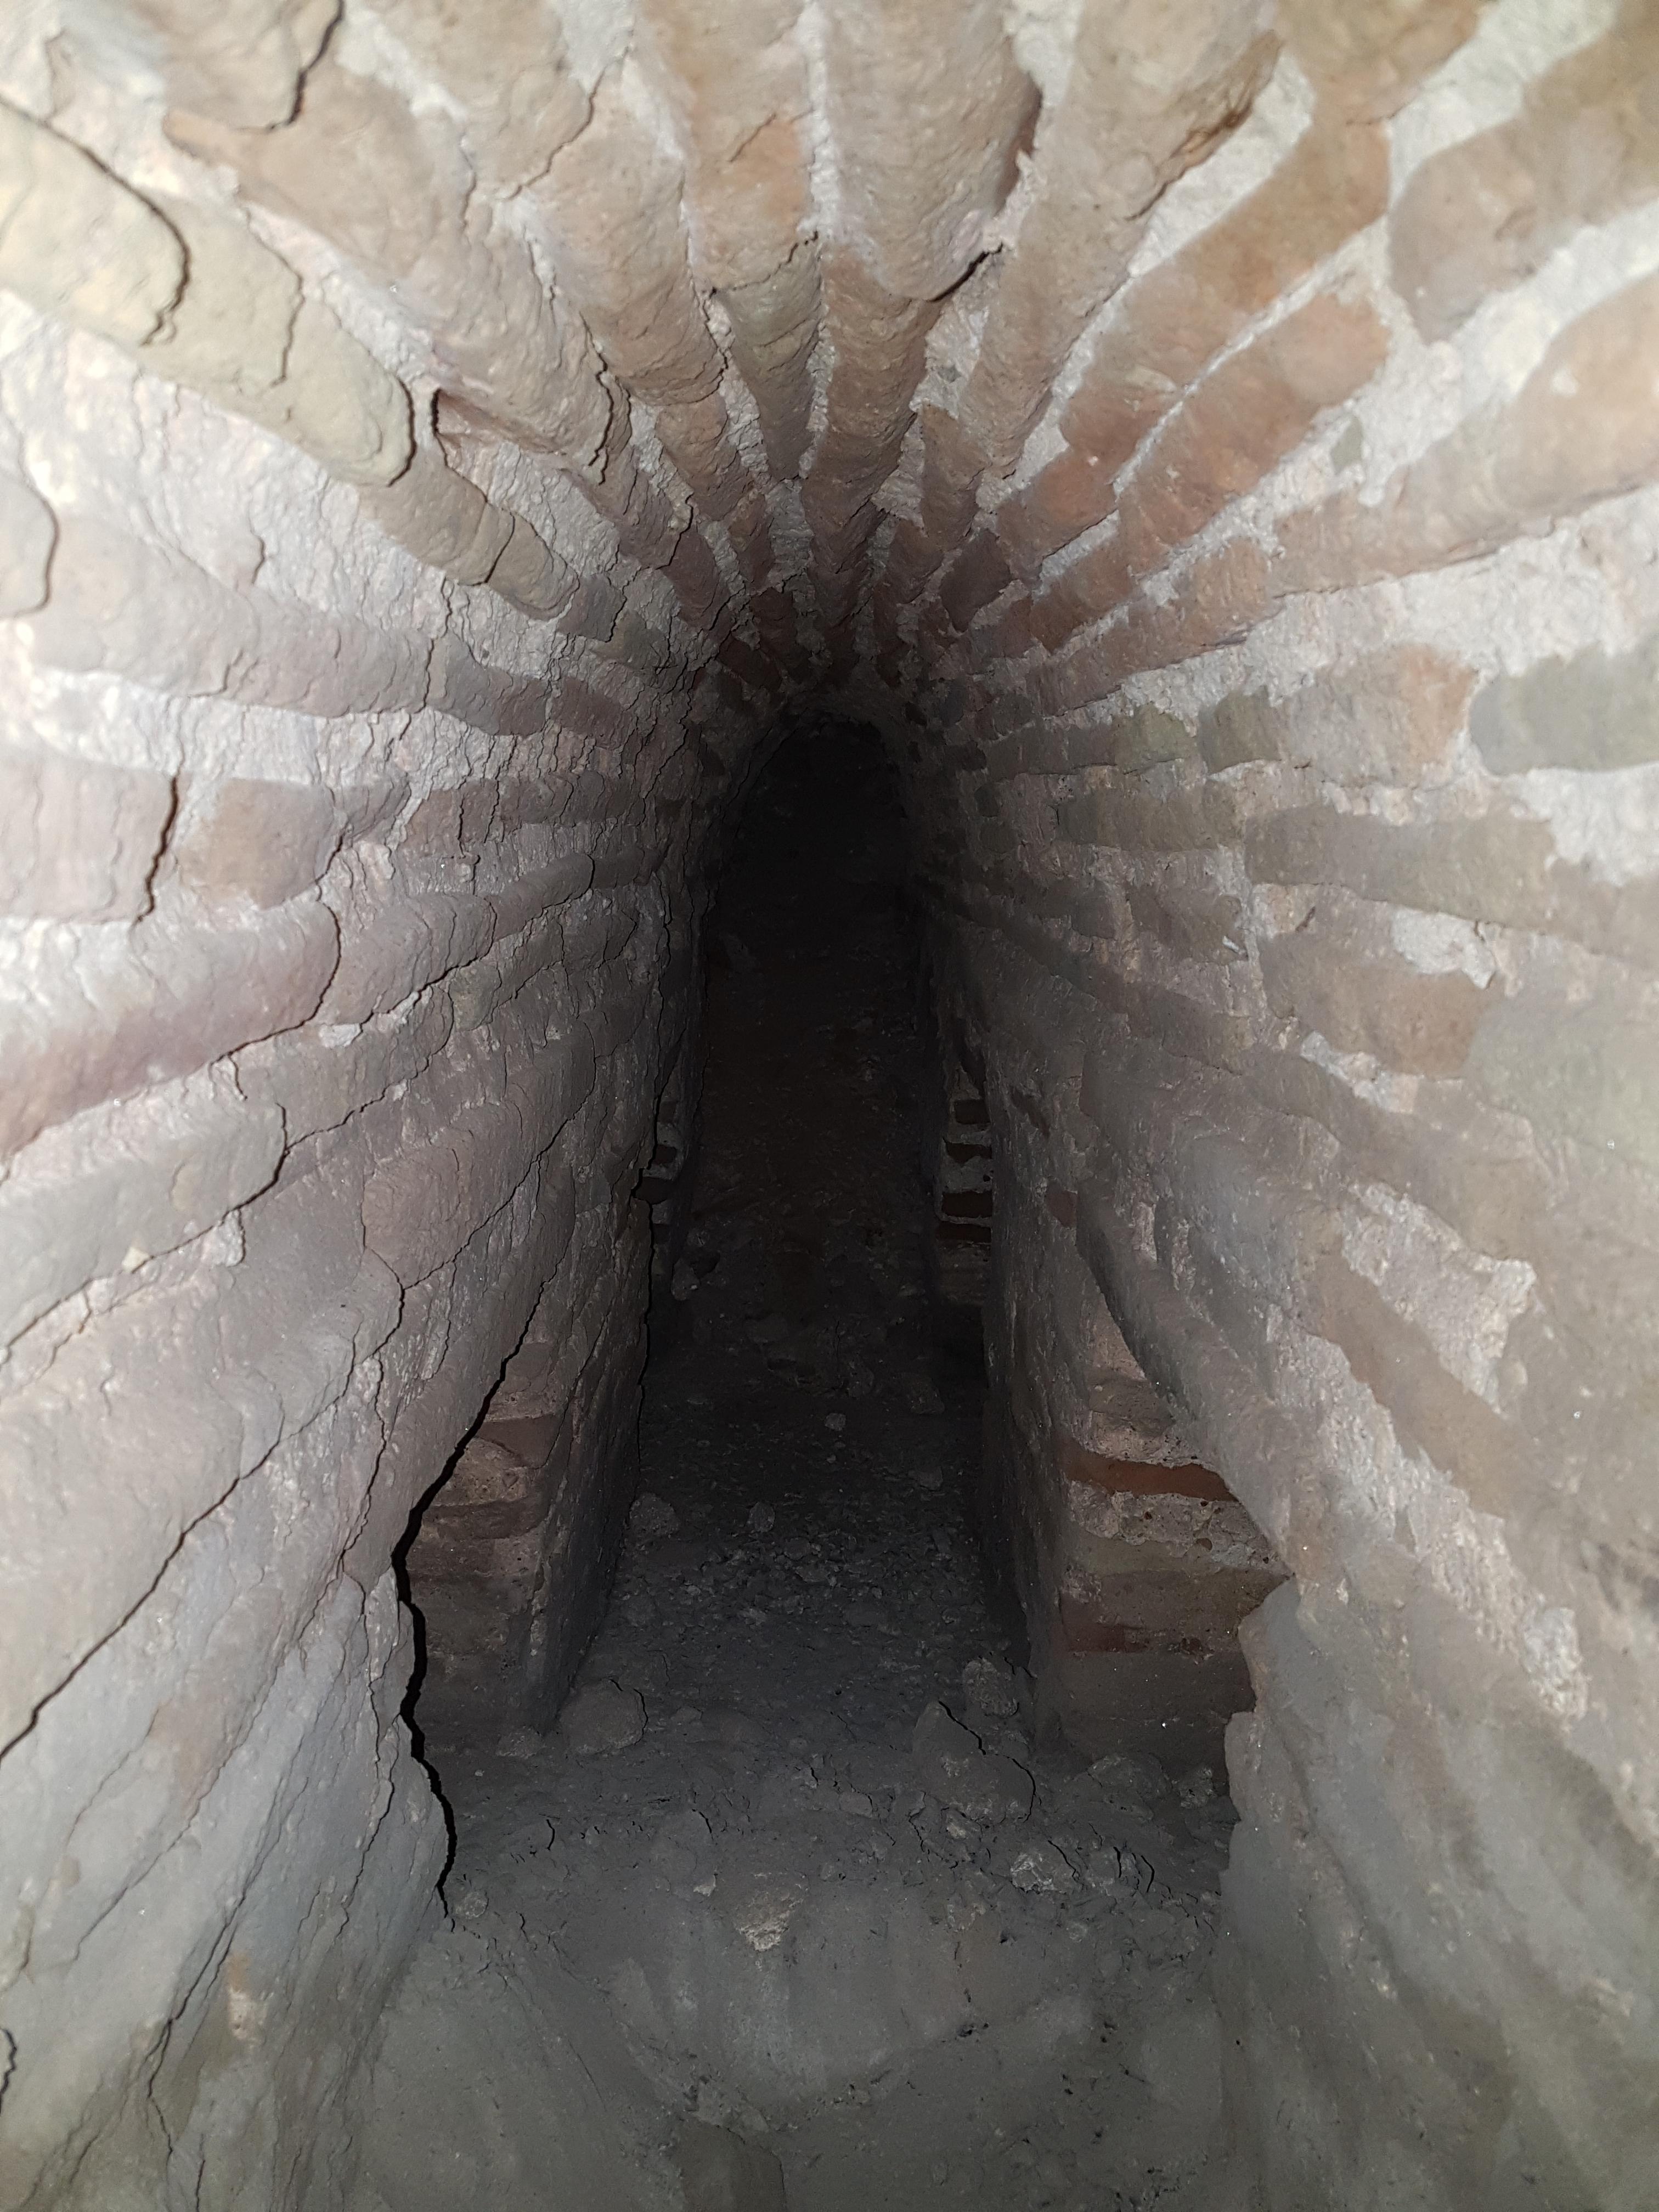 הכניסה למערכת הולכת החום התת קרקעית ששימשה את בית המרחץ. צילום: טלי גיני